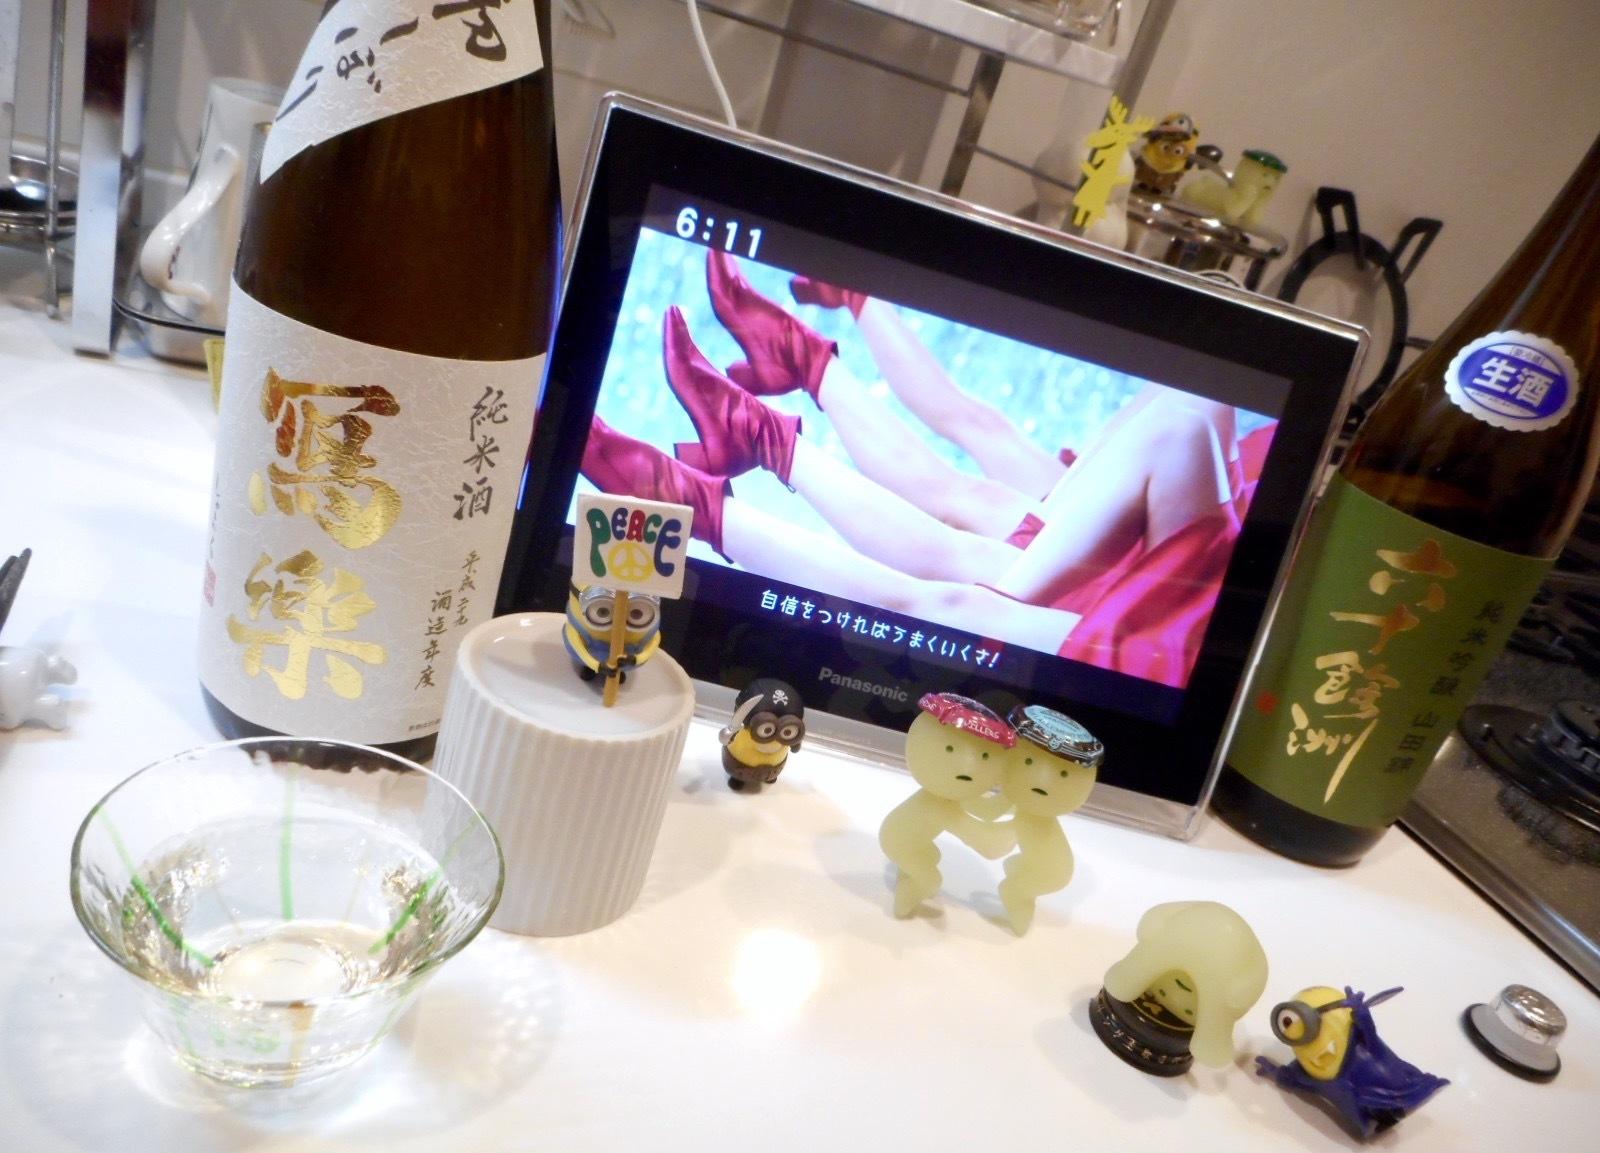 sharaku_hatsushibori29by11_3.jpg